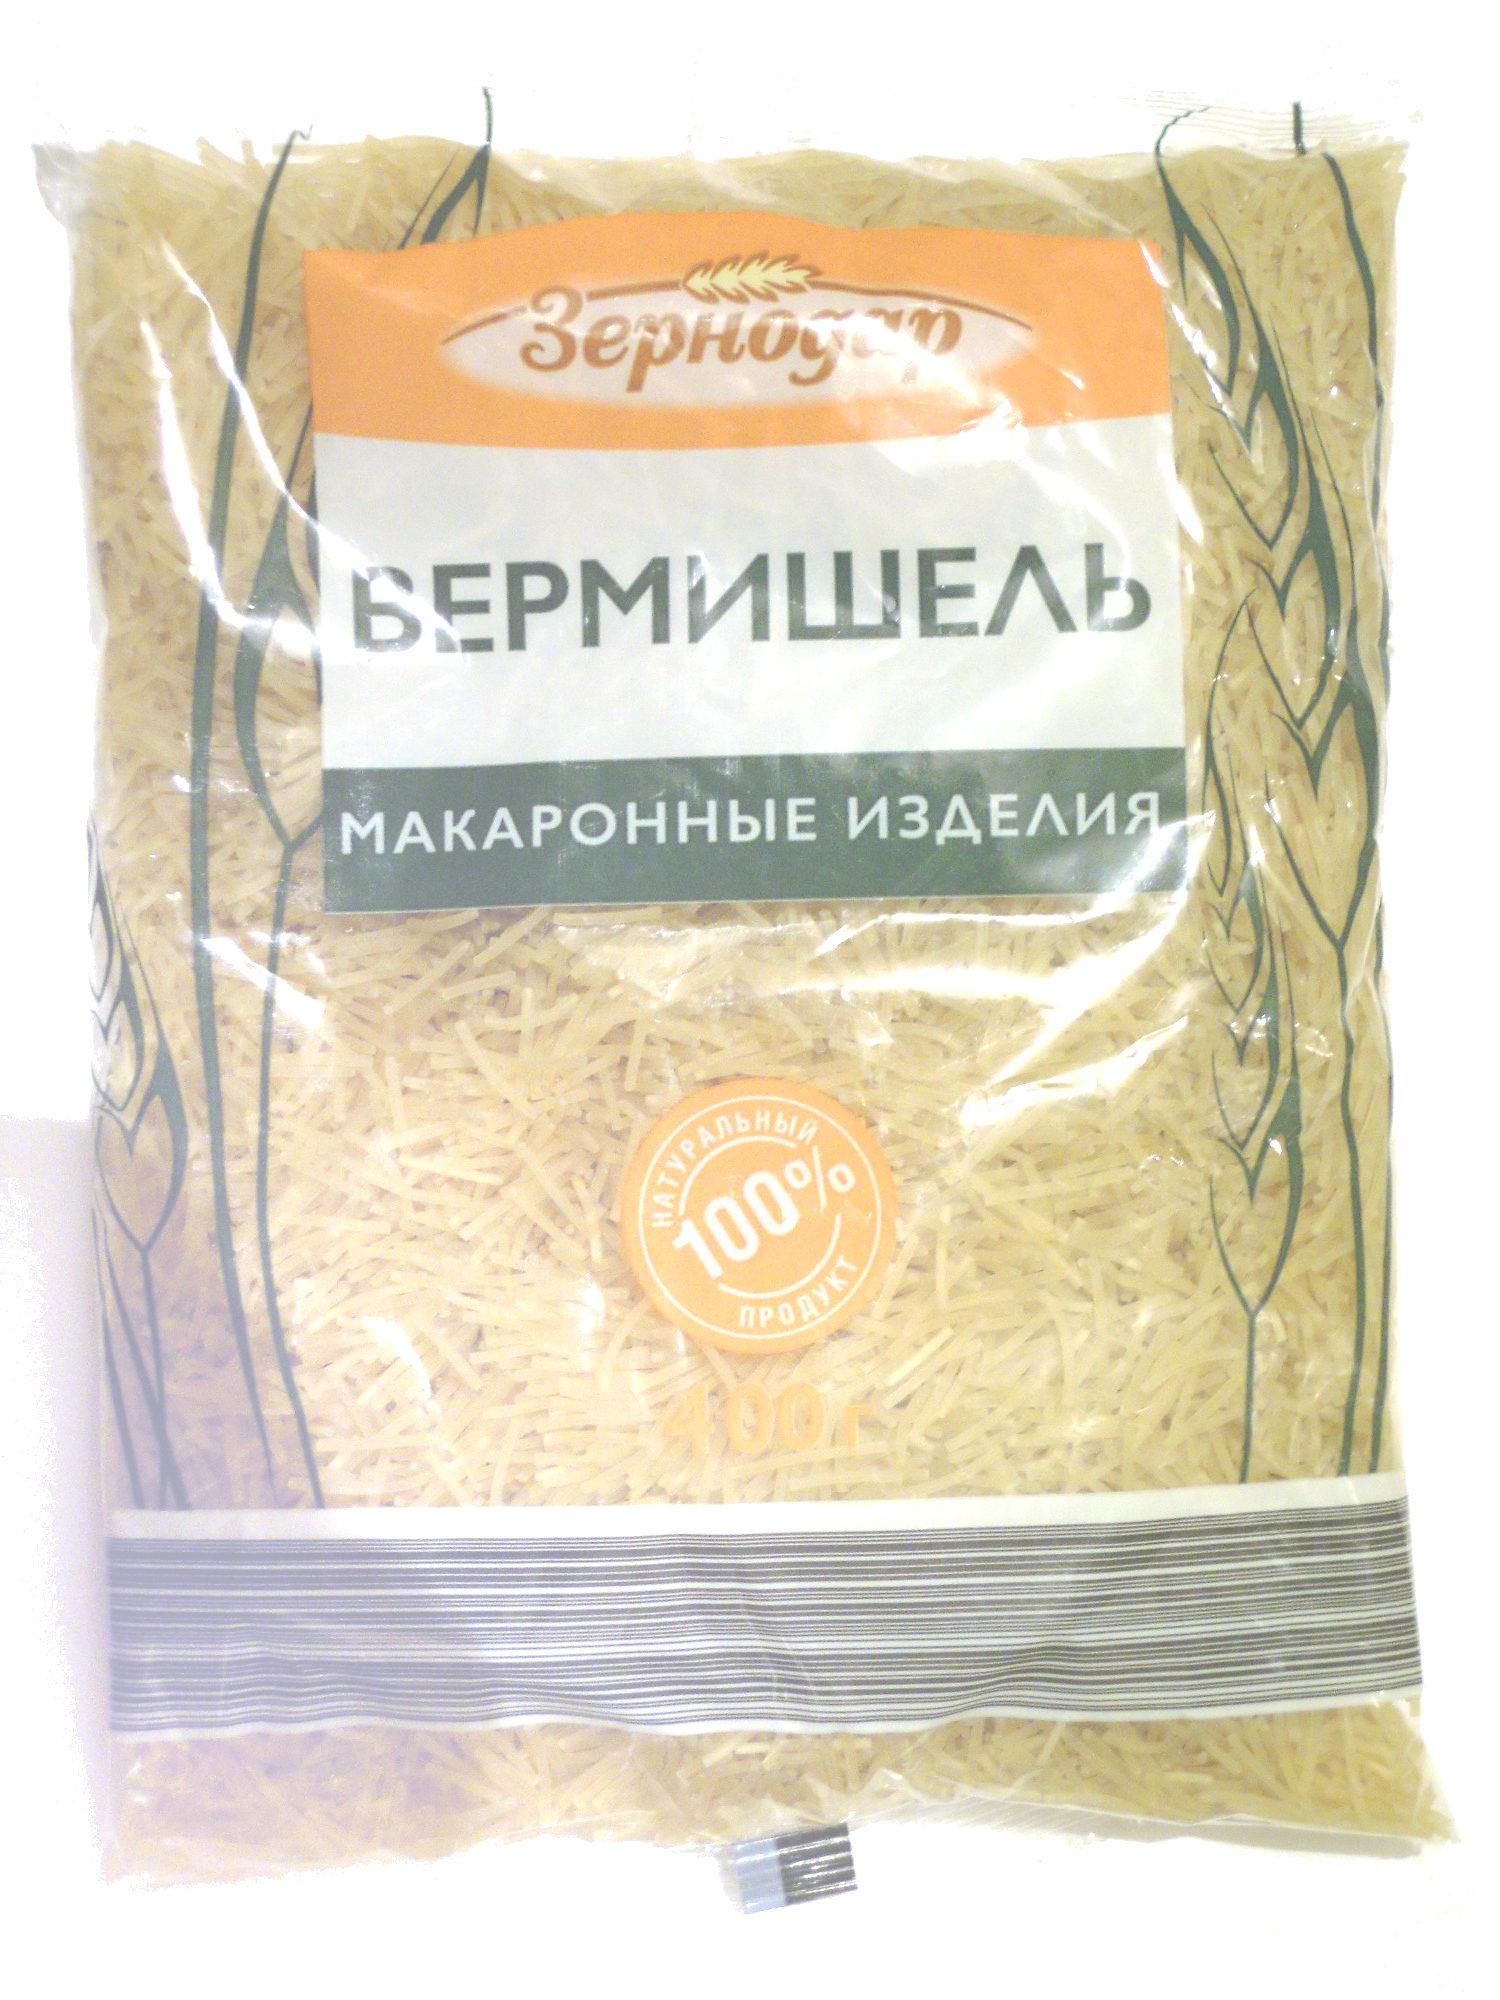 Вермишель (макаронные изделия) - Product - ru